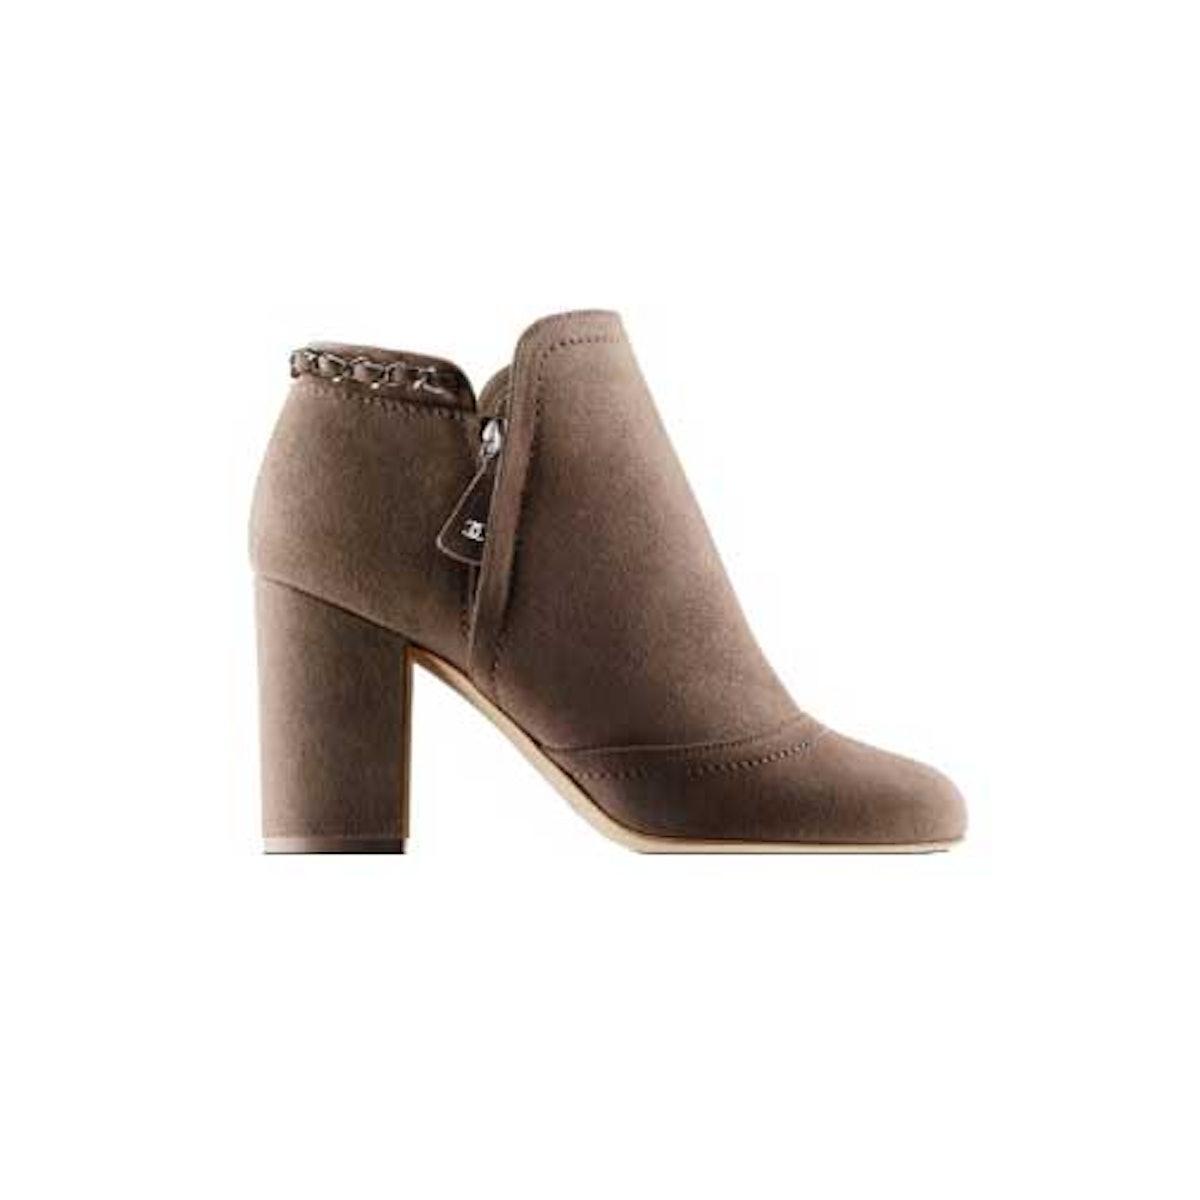 Chanel fringe ankle boots